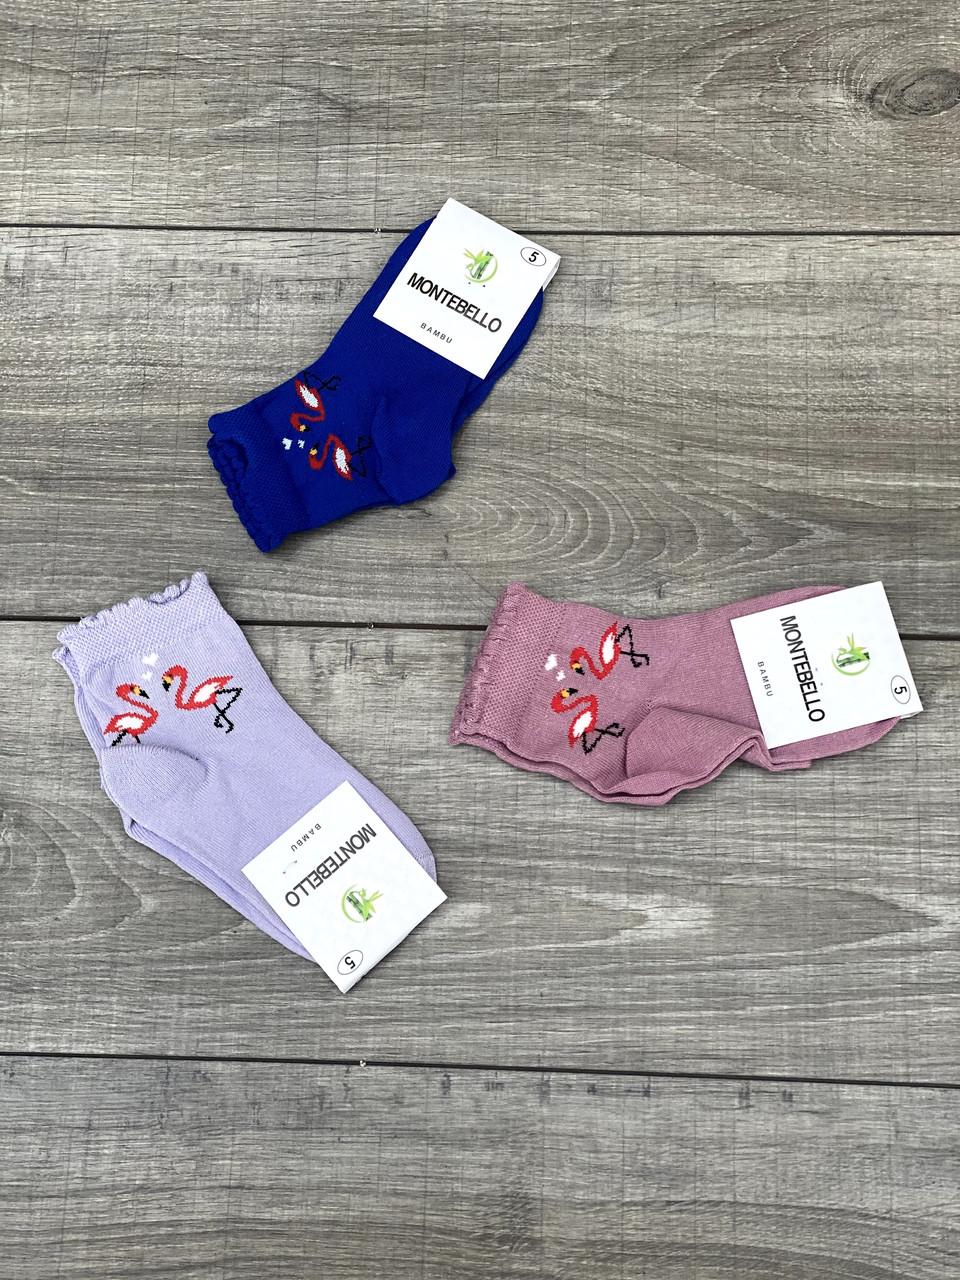 Шкарпетки дитячі бамбукові Montebello з мереживною гумкою з фламінго для дівчаток 5,7,9,11р 12 шт в уп мікс кол